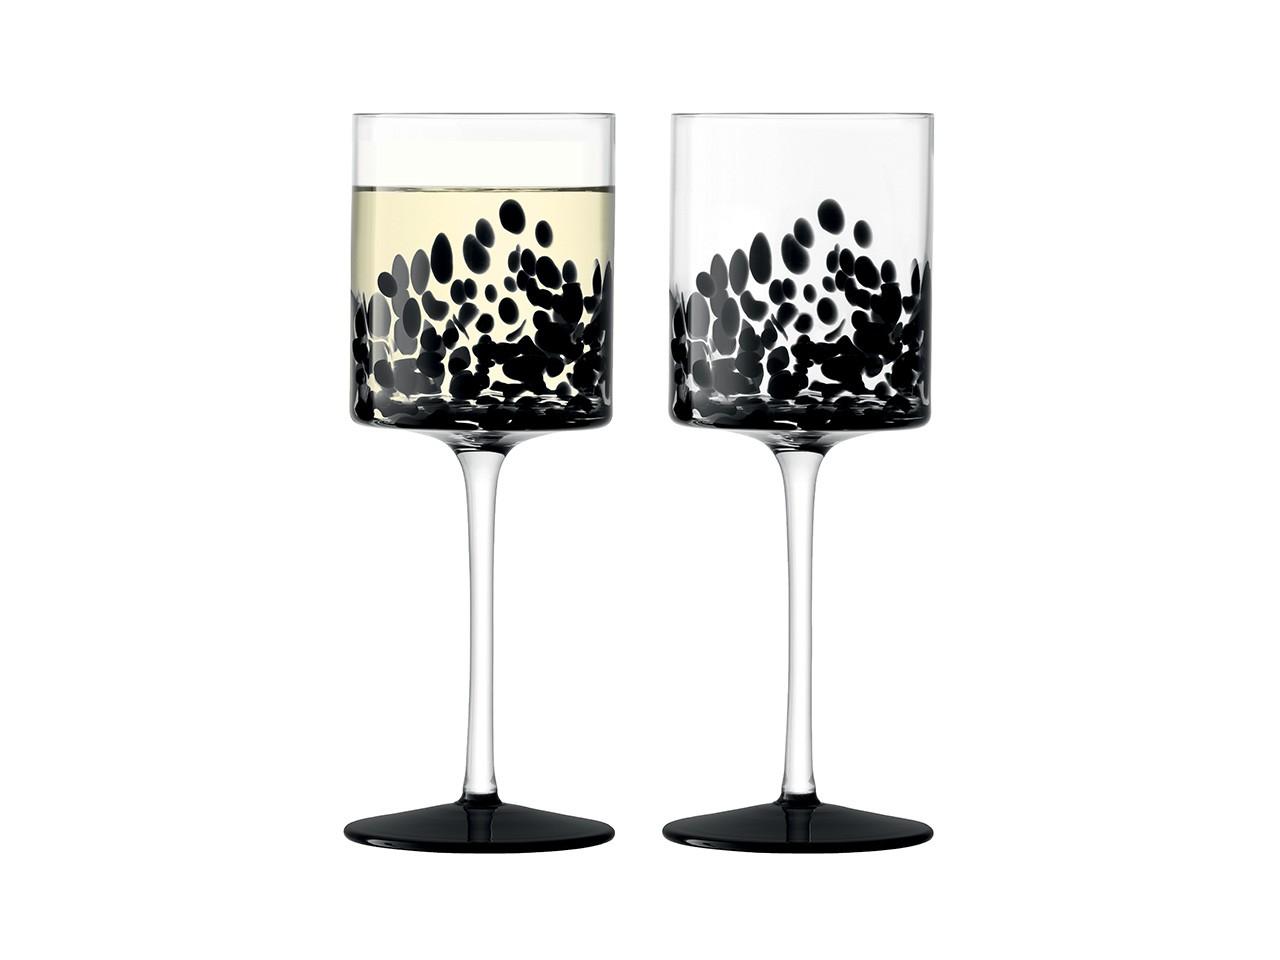 Набор бокалов для вина DevoreБокалы<br>В комплект входят два бокала&amp;lt;br&amp;gt;Объем: 340 мл<br><br>Material: Стекло